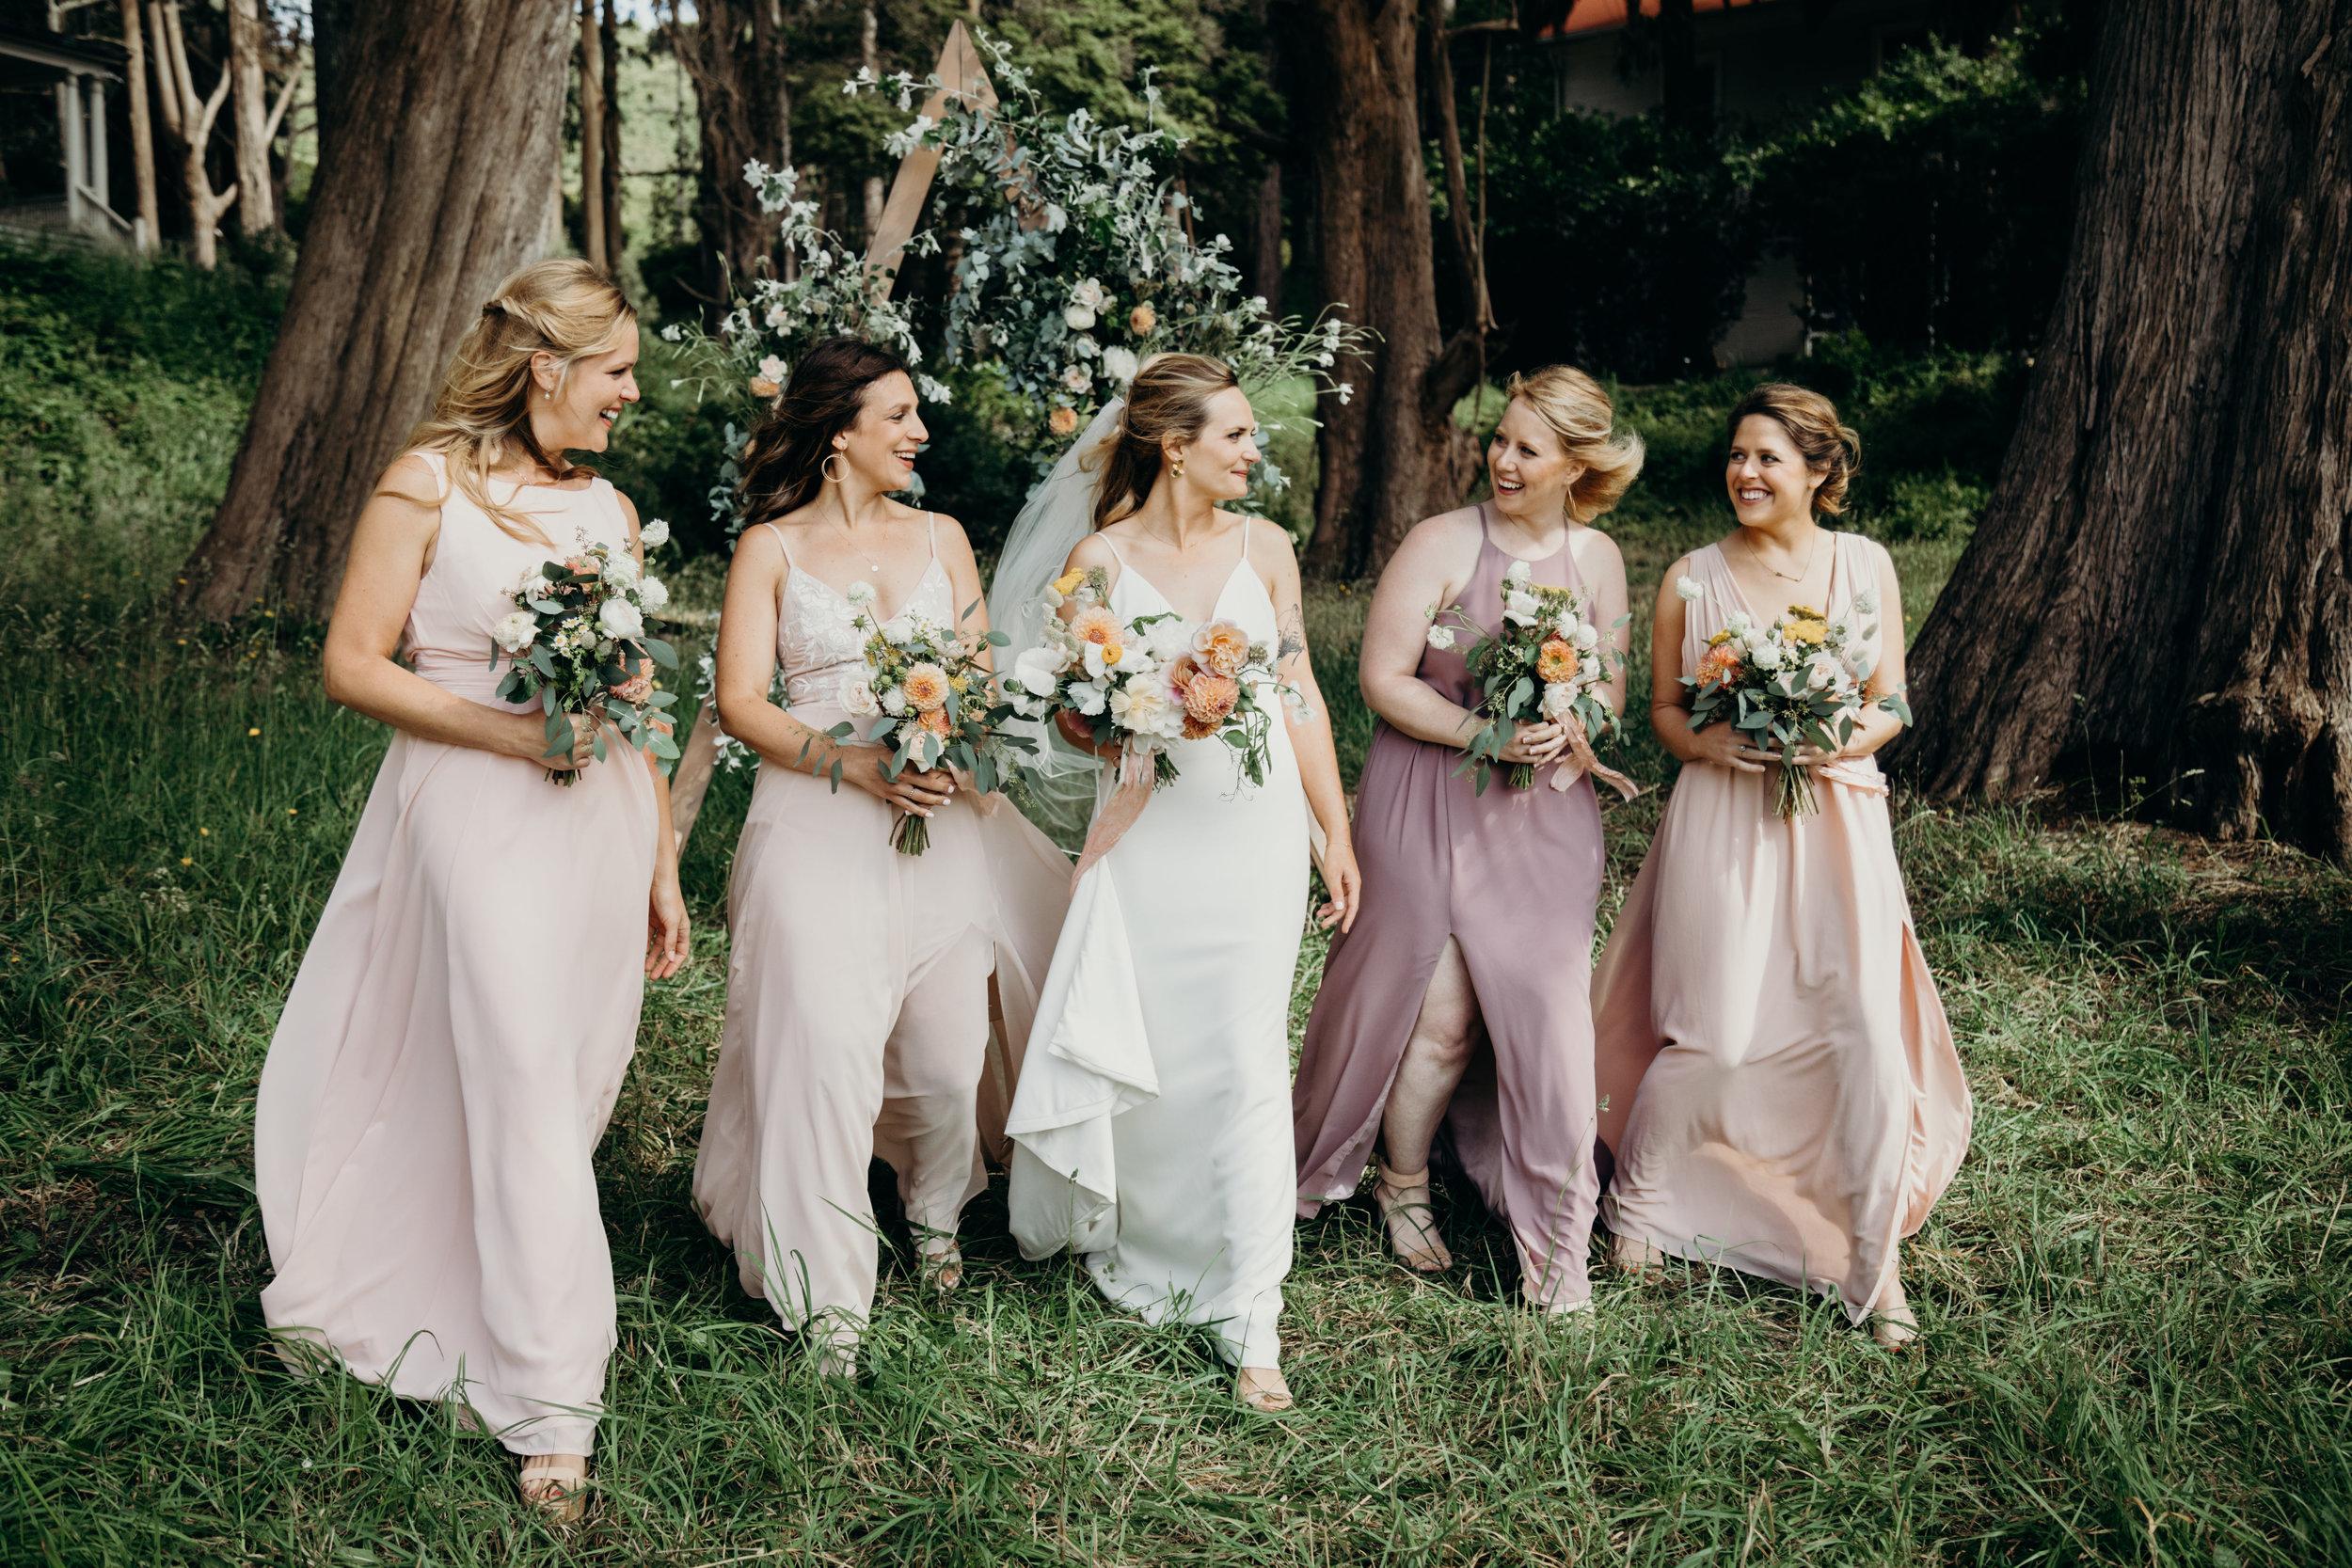 Whitney-Lauren-Headlands-Center-for-The-Arts-Wedding-1014.jpg